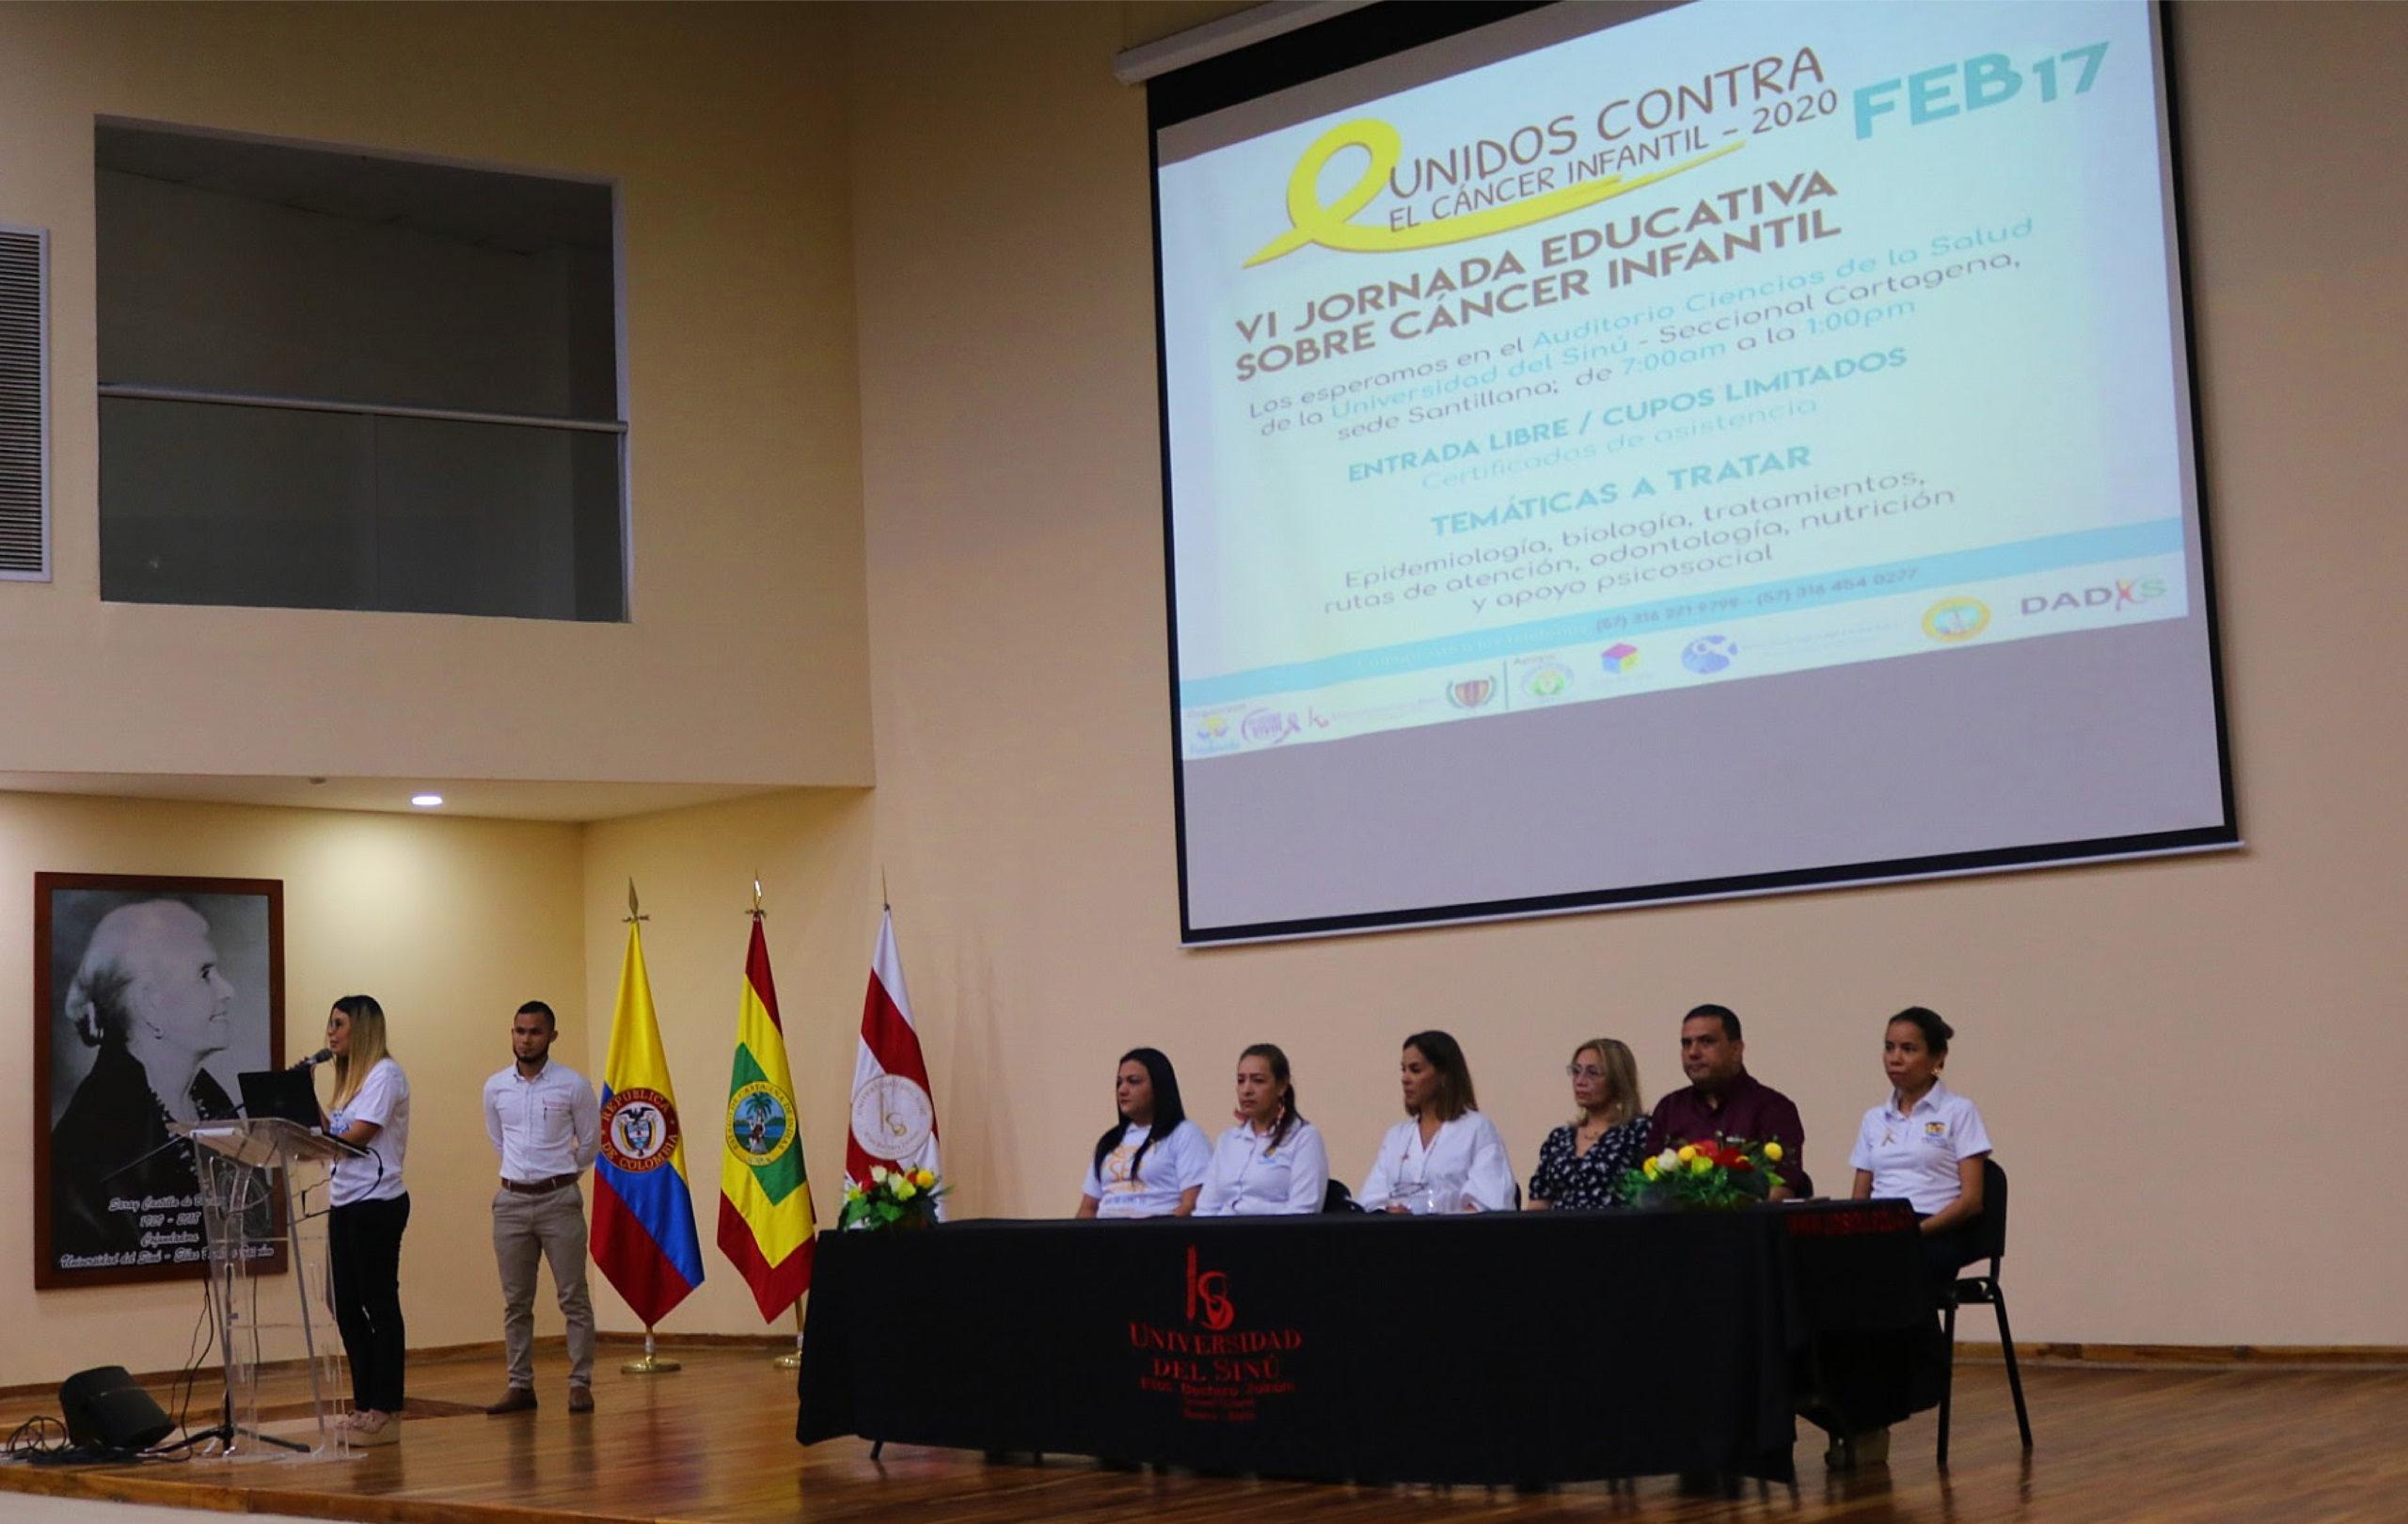 Unisinú realizó Jornada de Educación y Prevención del Cáncer Infantil